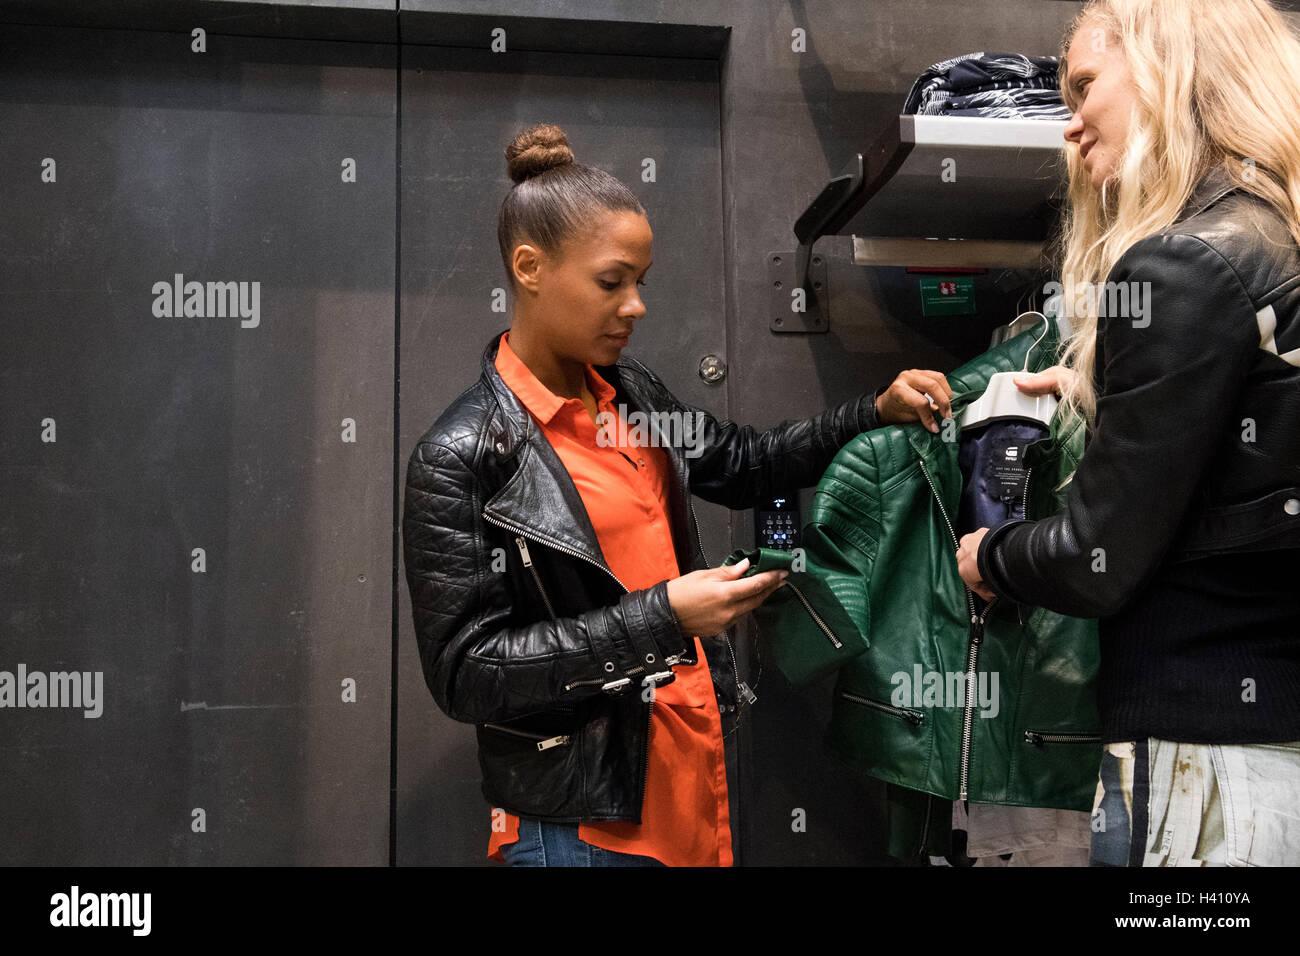 a12ed43d79 Zwei Frauen einkaufen grün G-Star Lederjacke Stockfoto, Bild ...